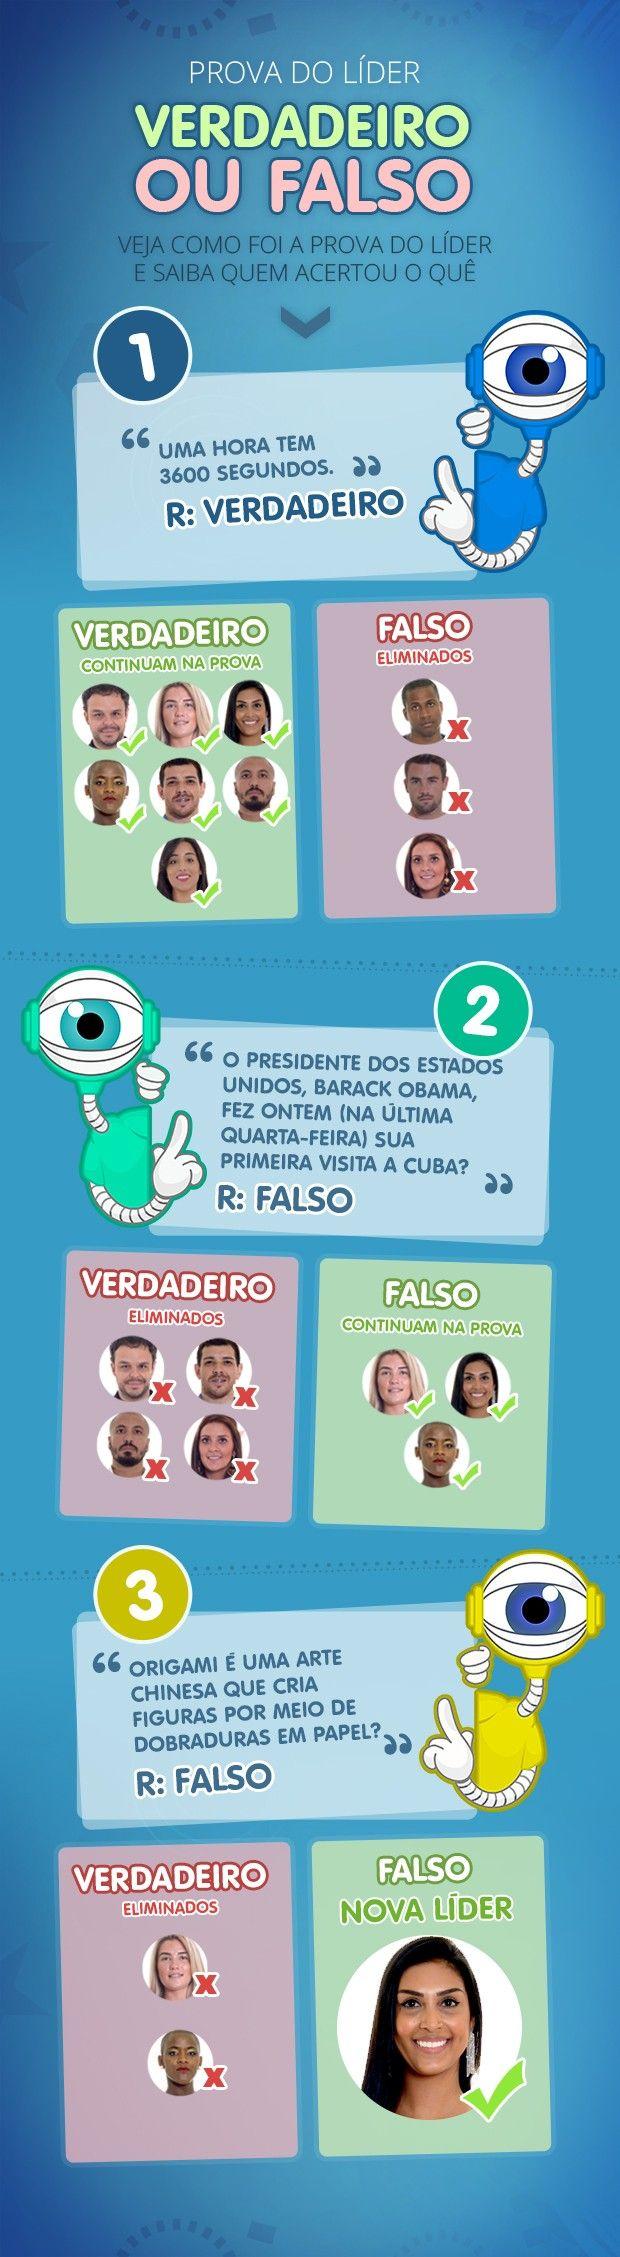 Big Brother Brasil 15 - Prova do Líder Verdadeiro ou Falso